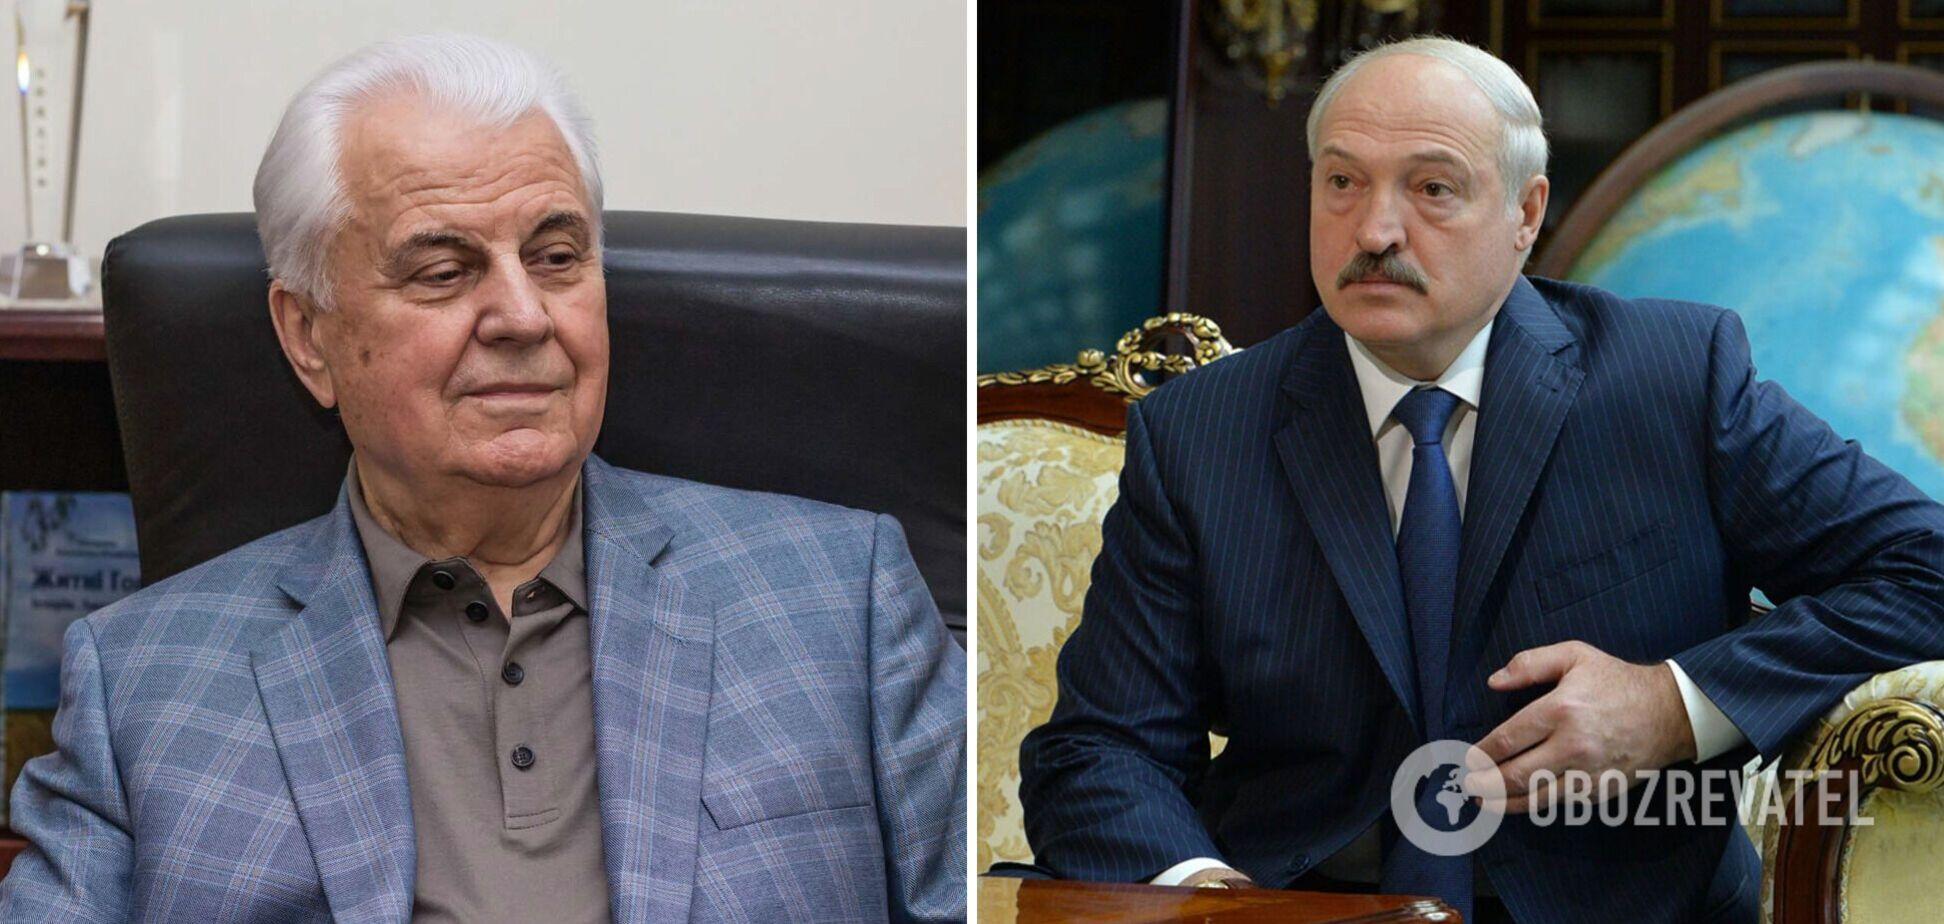 Леонід Кравчук і Олександр Лукашенко